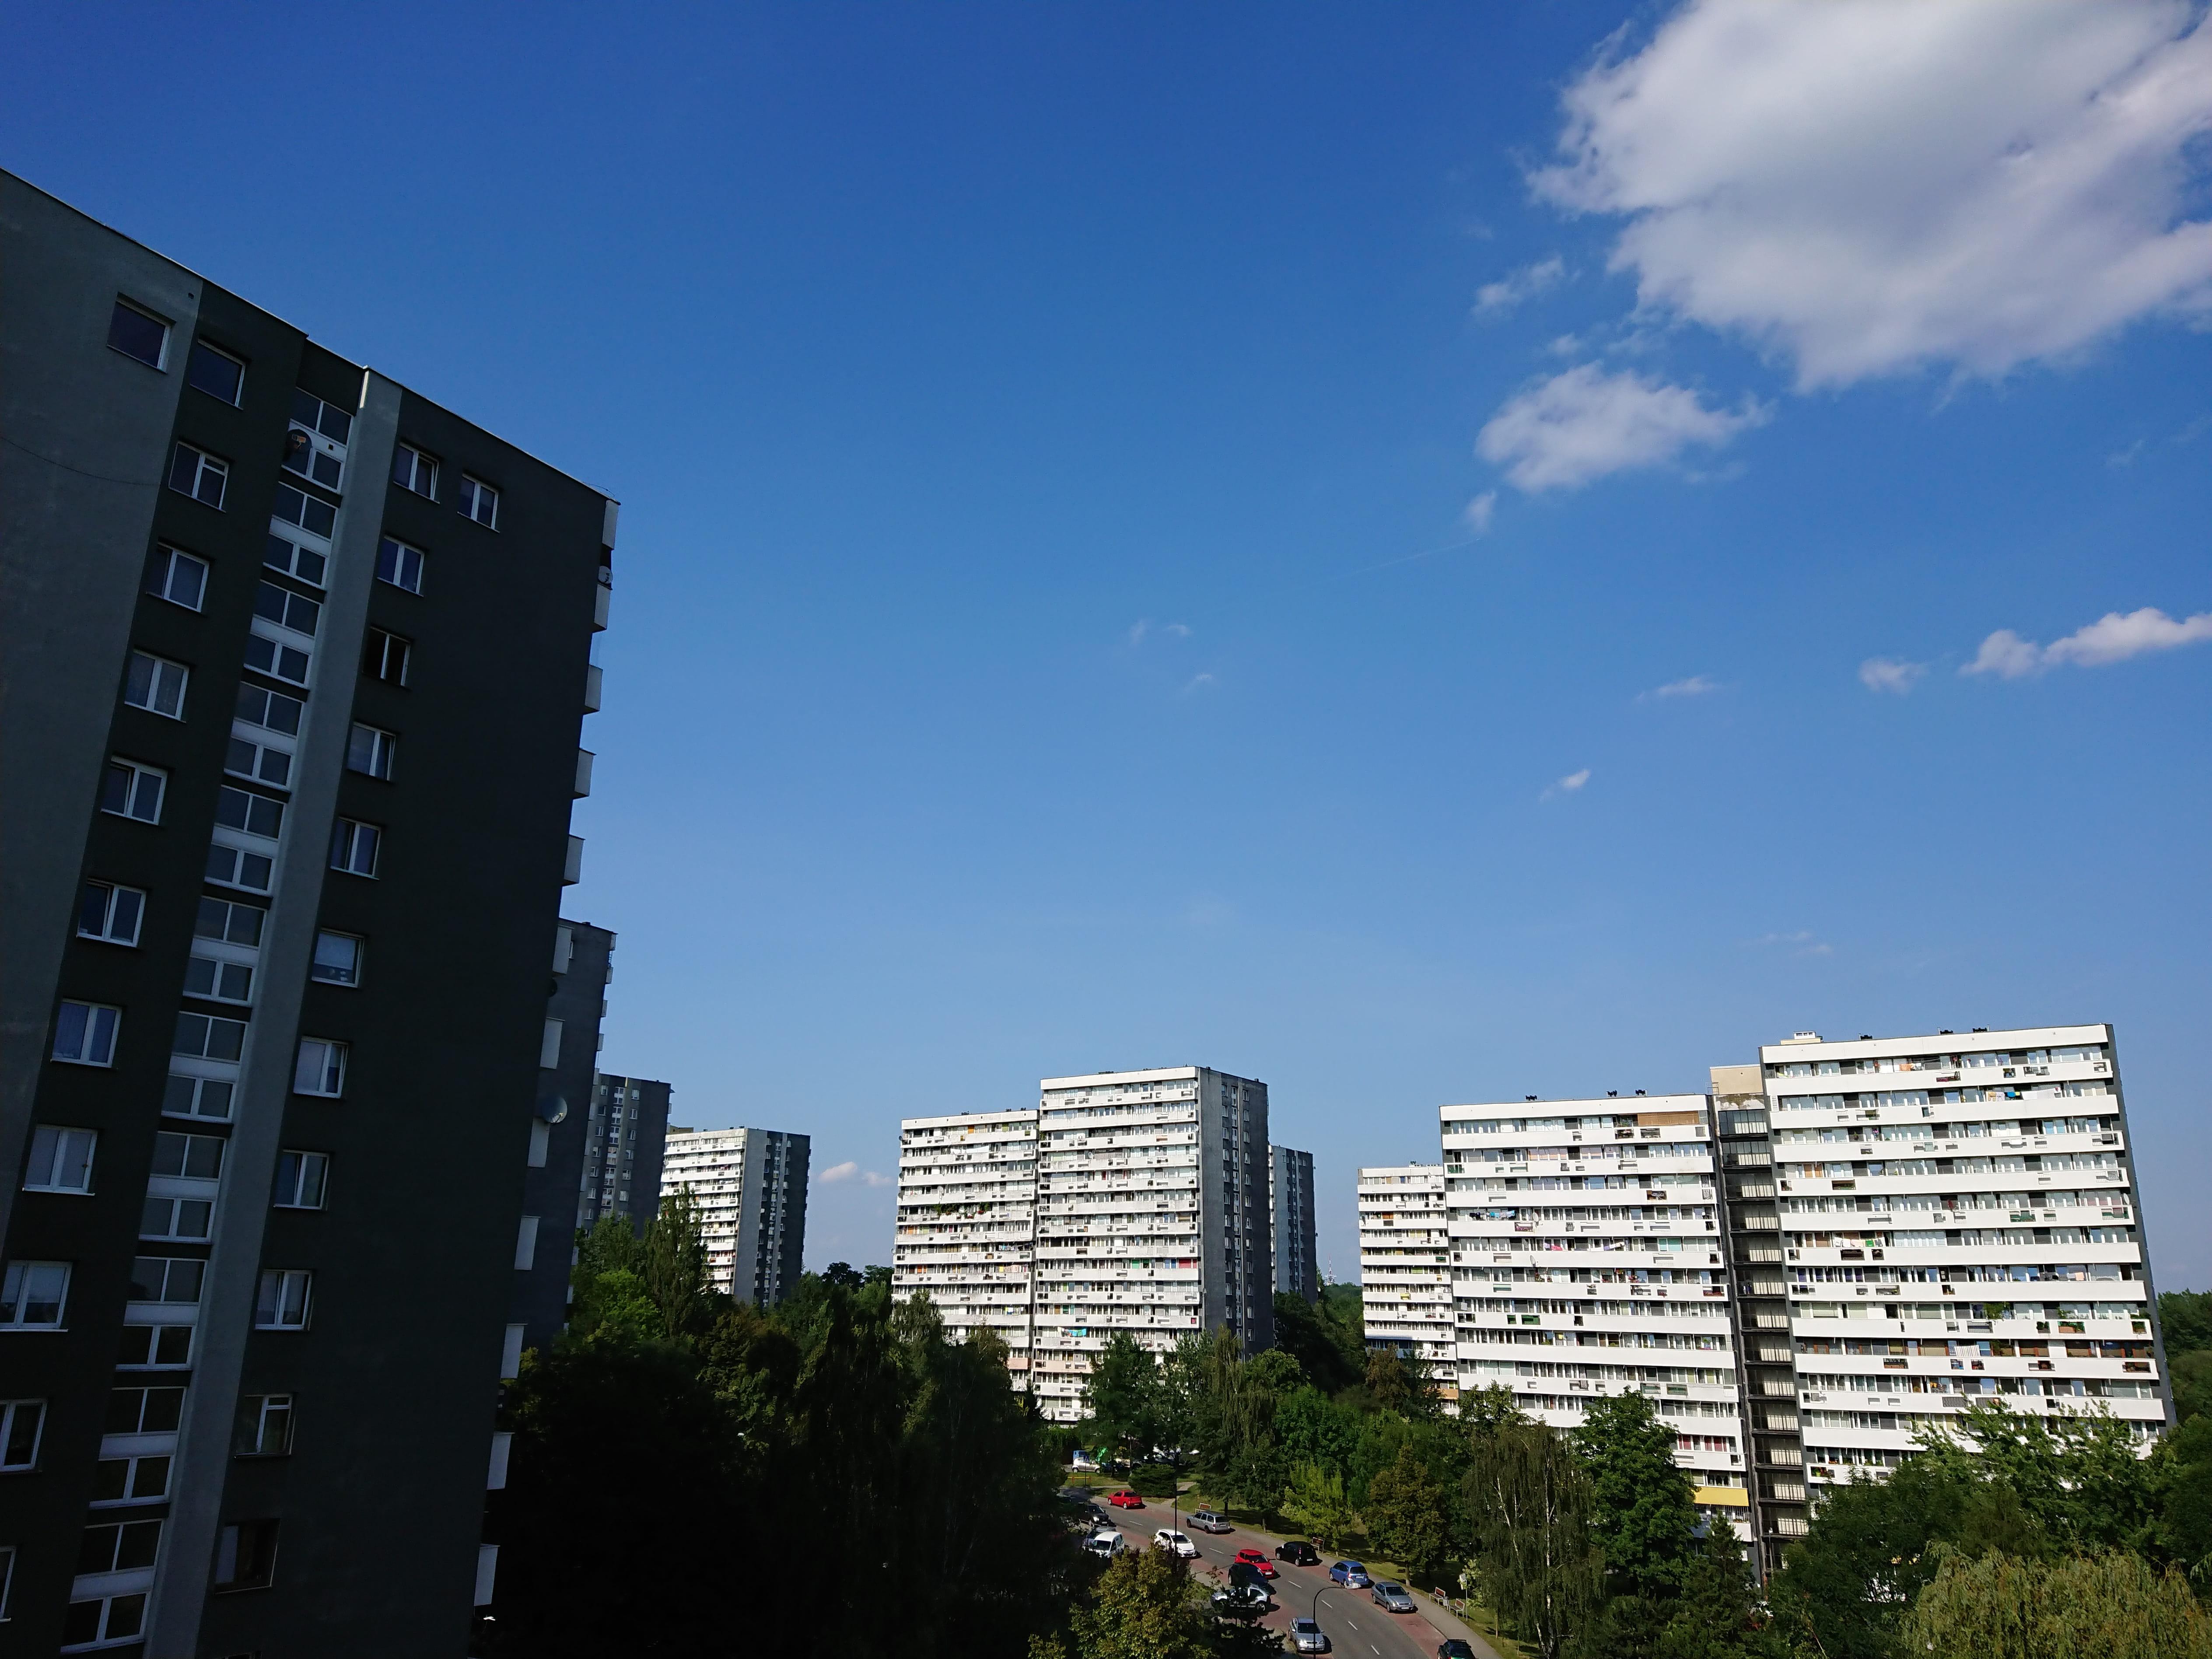 Słoneczna pogoda - Sony Xperia XZ Premium